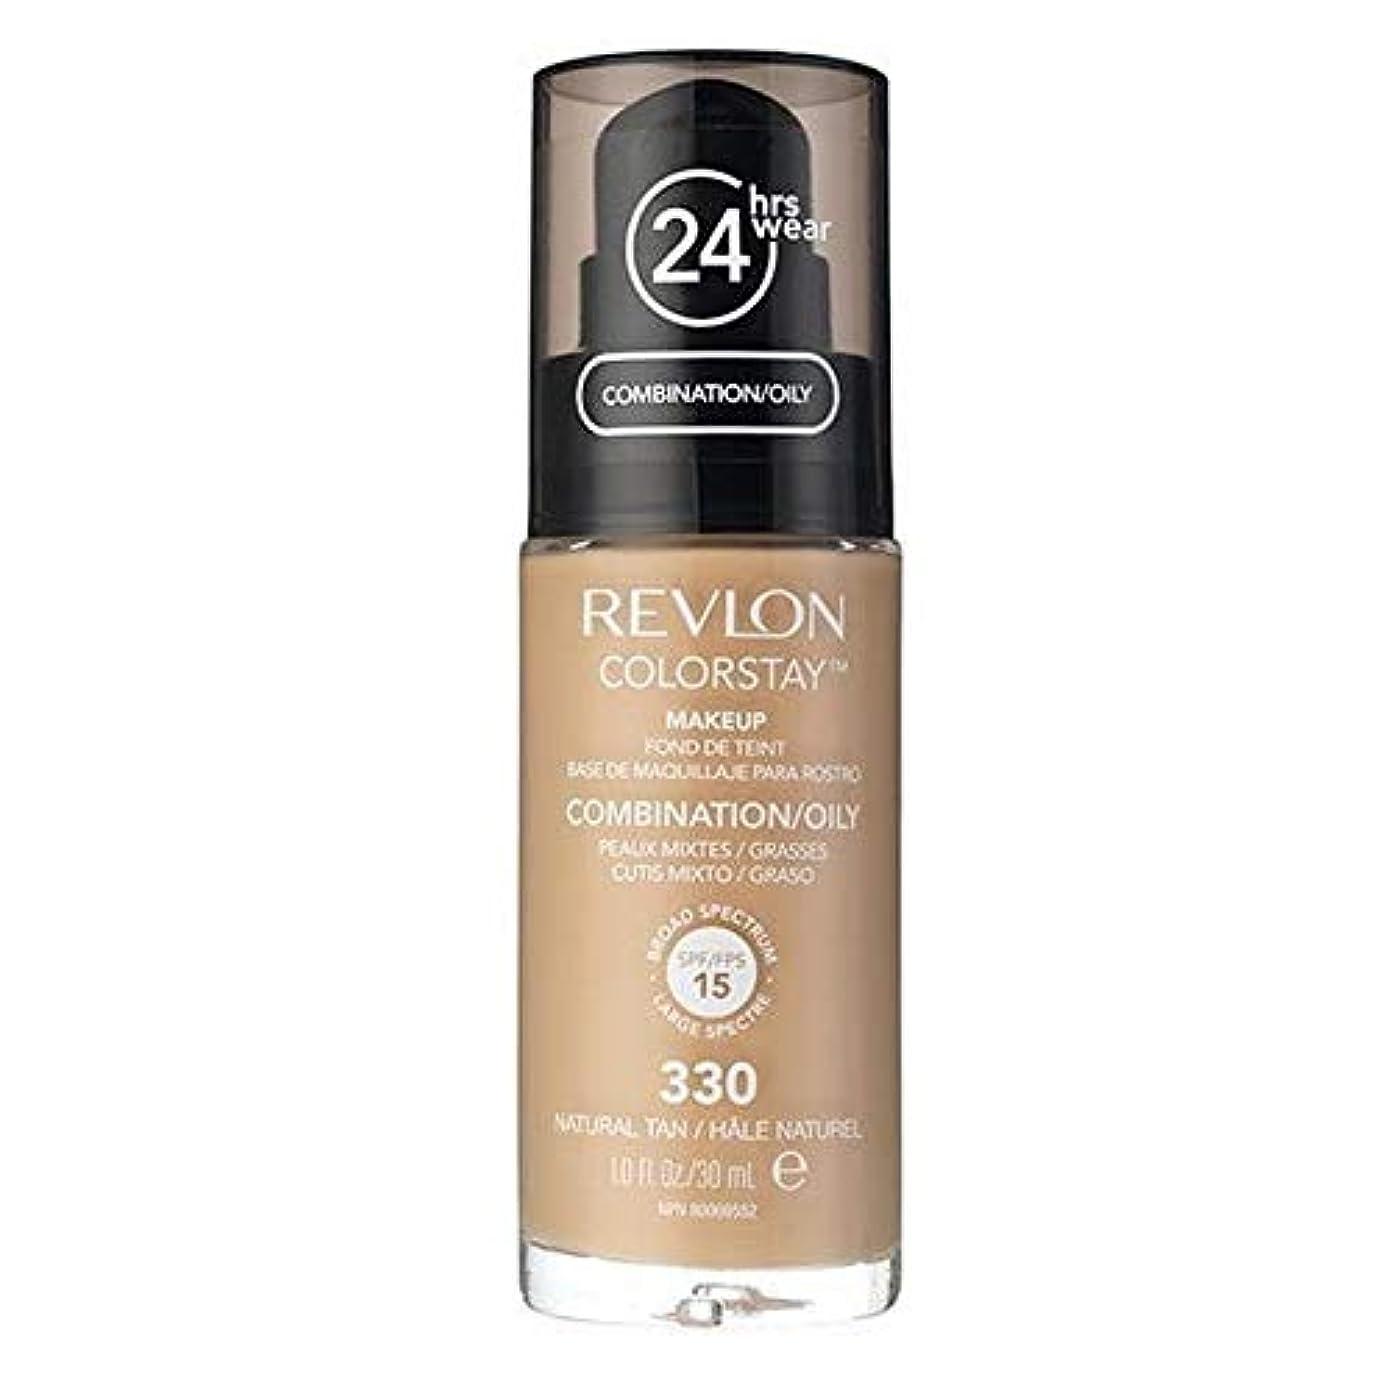 振り向くに負けるコンプリート[Revlon ] レブロンカラーステイ基盤コンビ/油性Nat日焼け30ミリリットル - Revlon Color Stay Foundation Combi/Oily Nat Tan 30ml [並行輸入品]